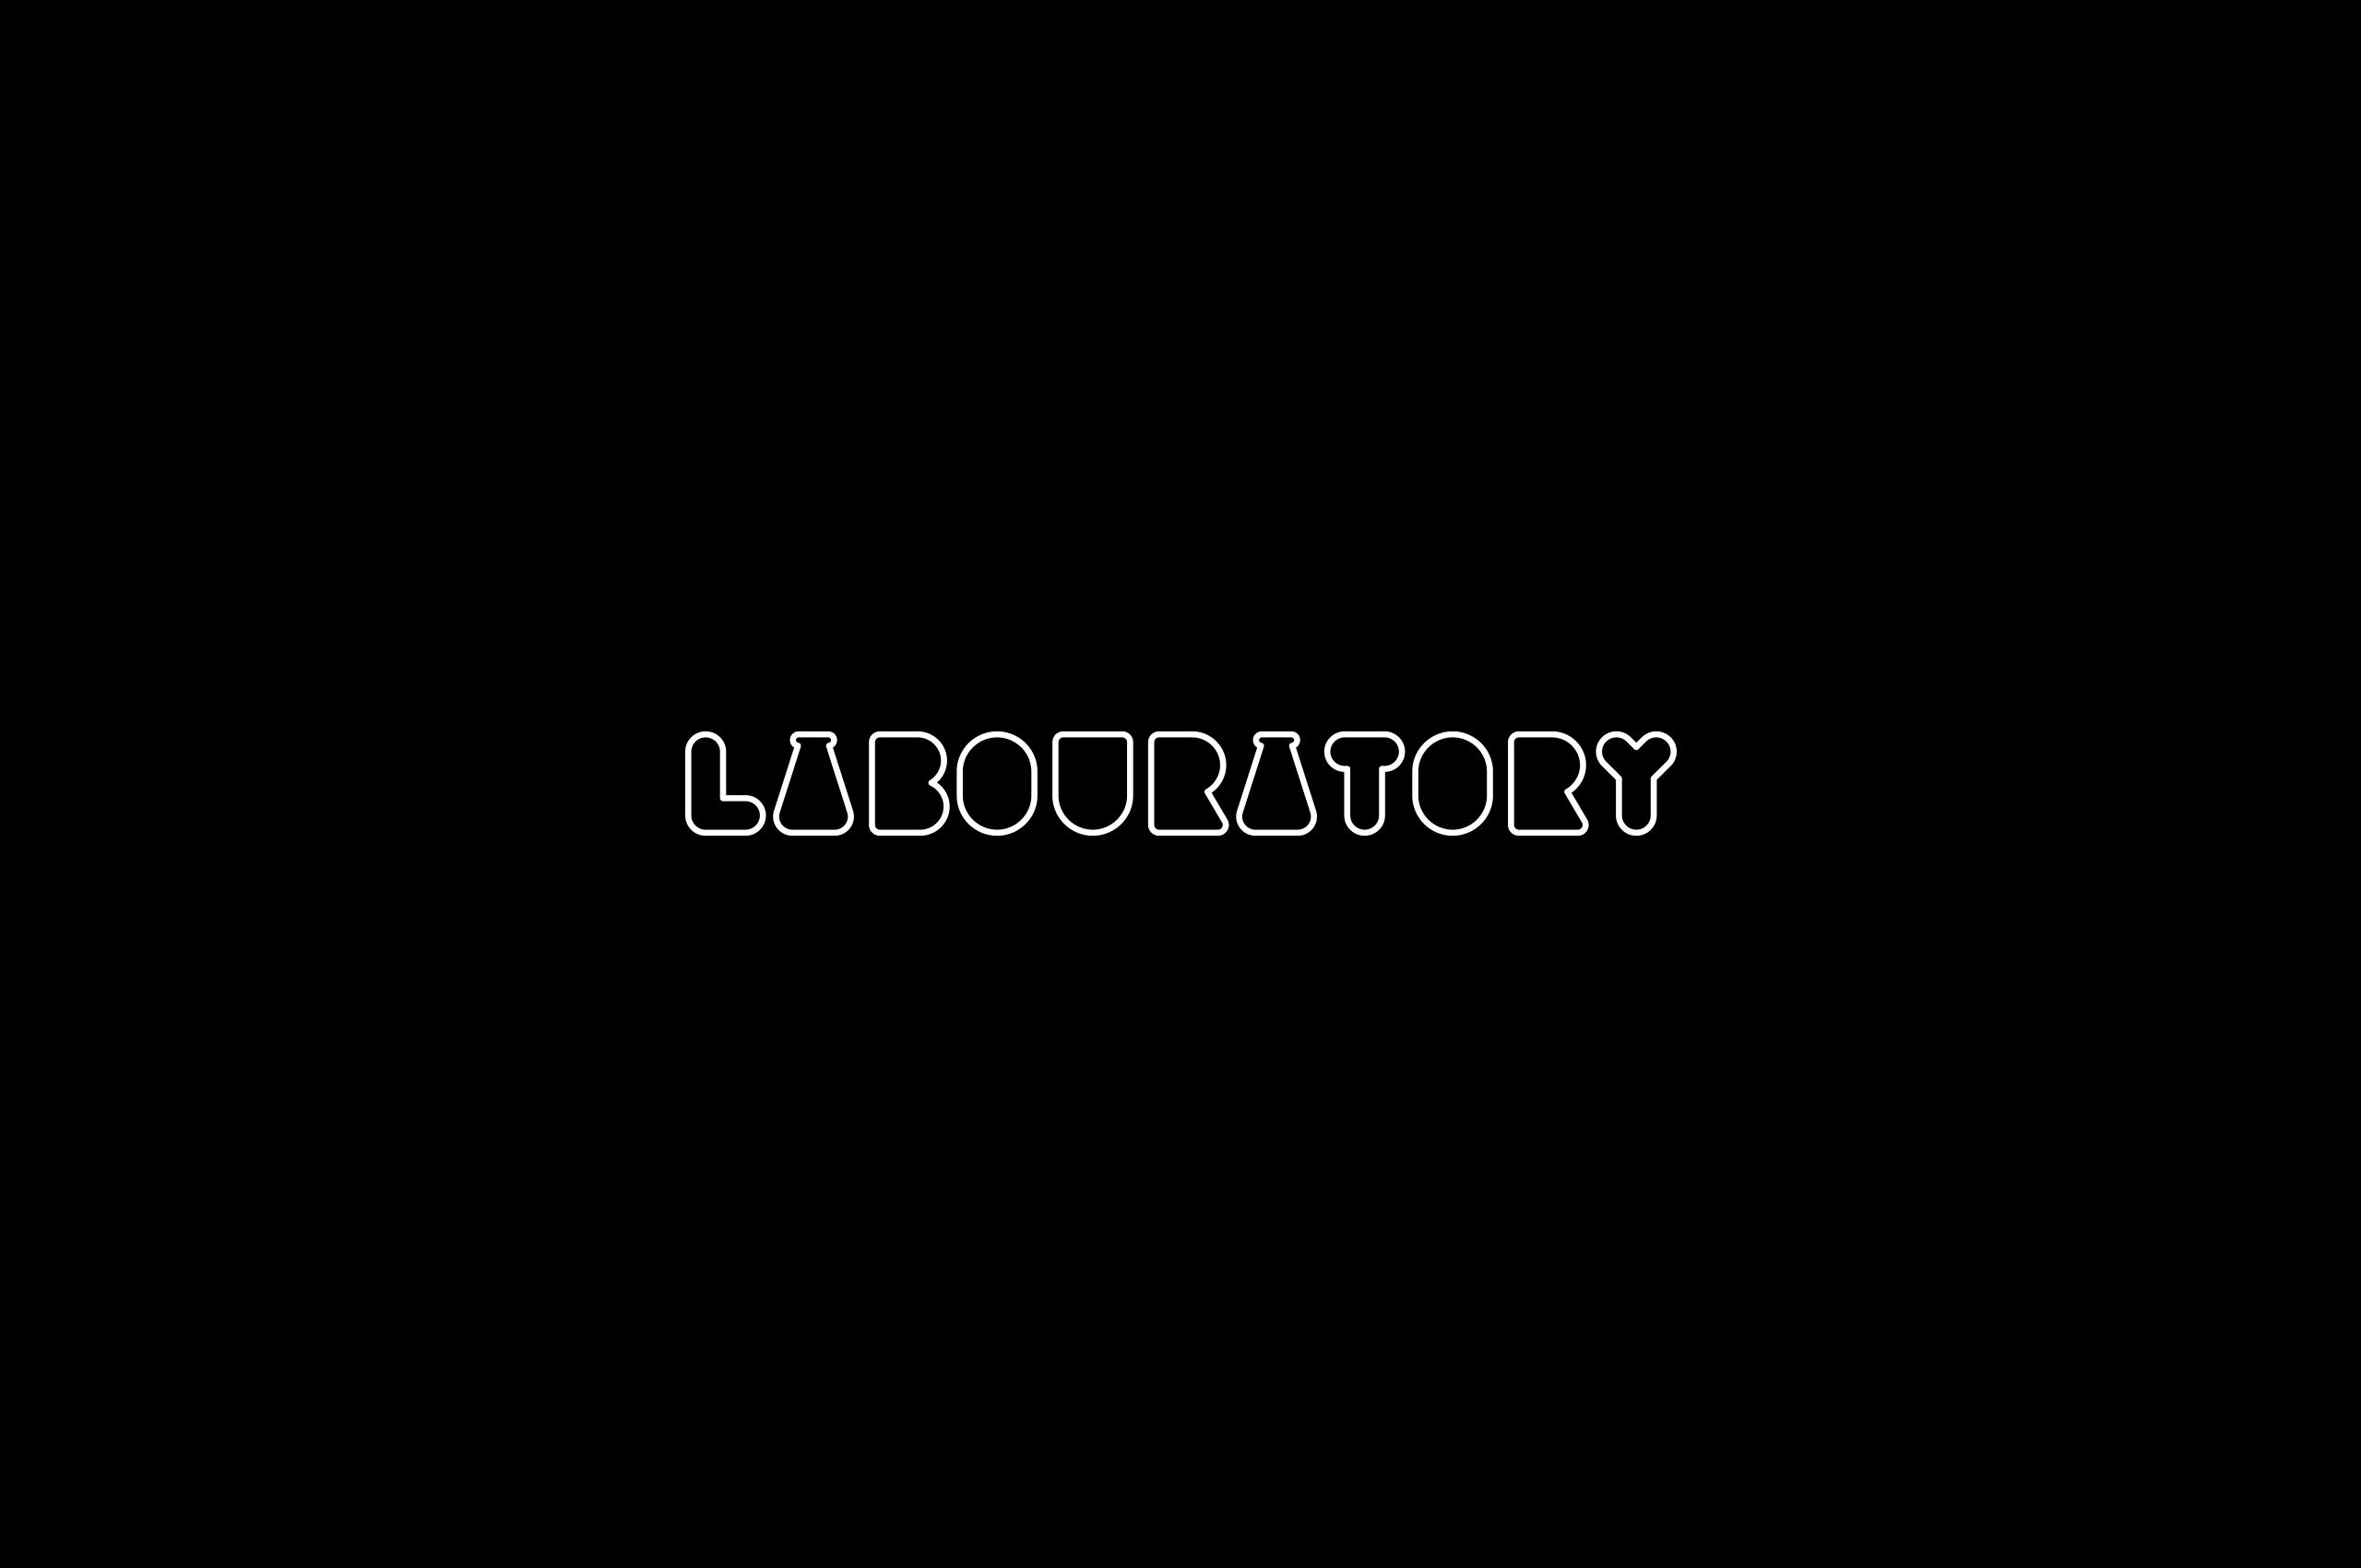 logocollection-2021-4